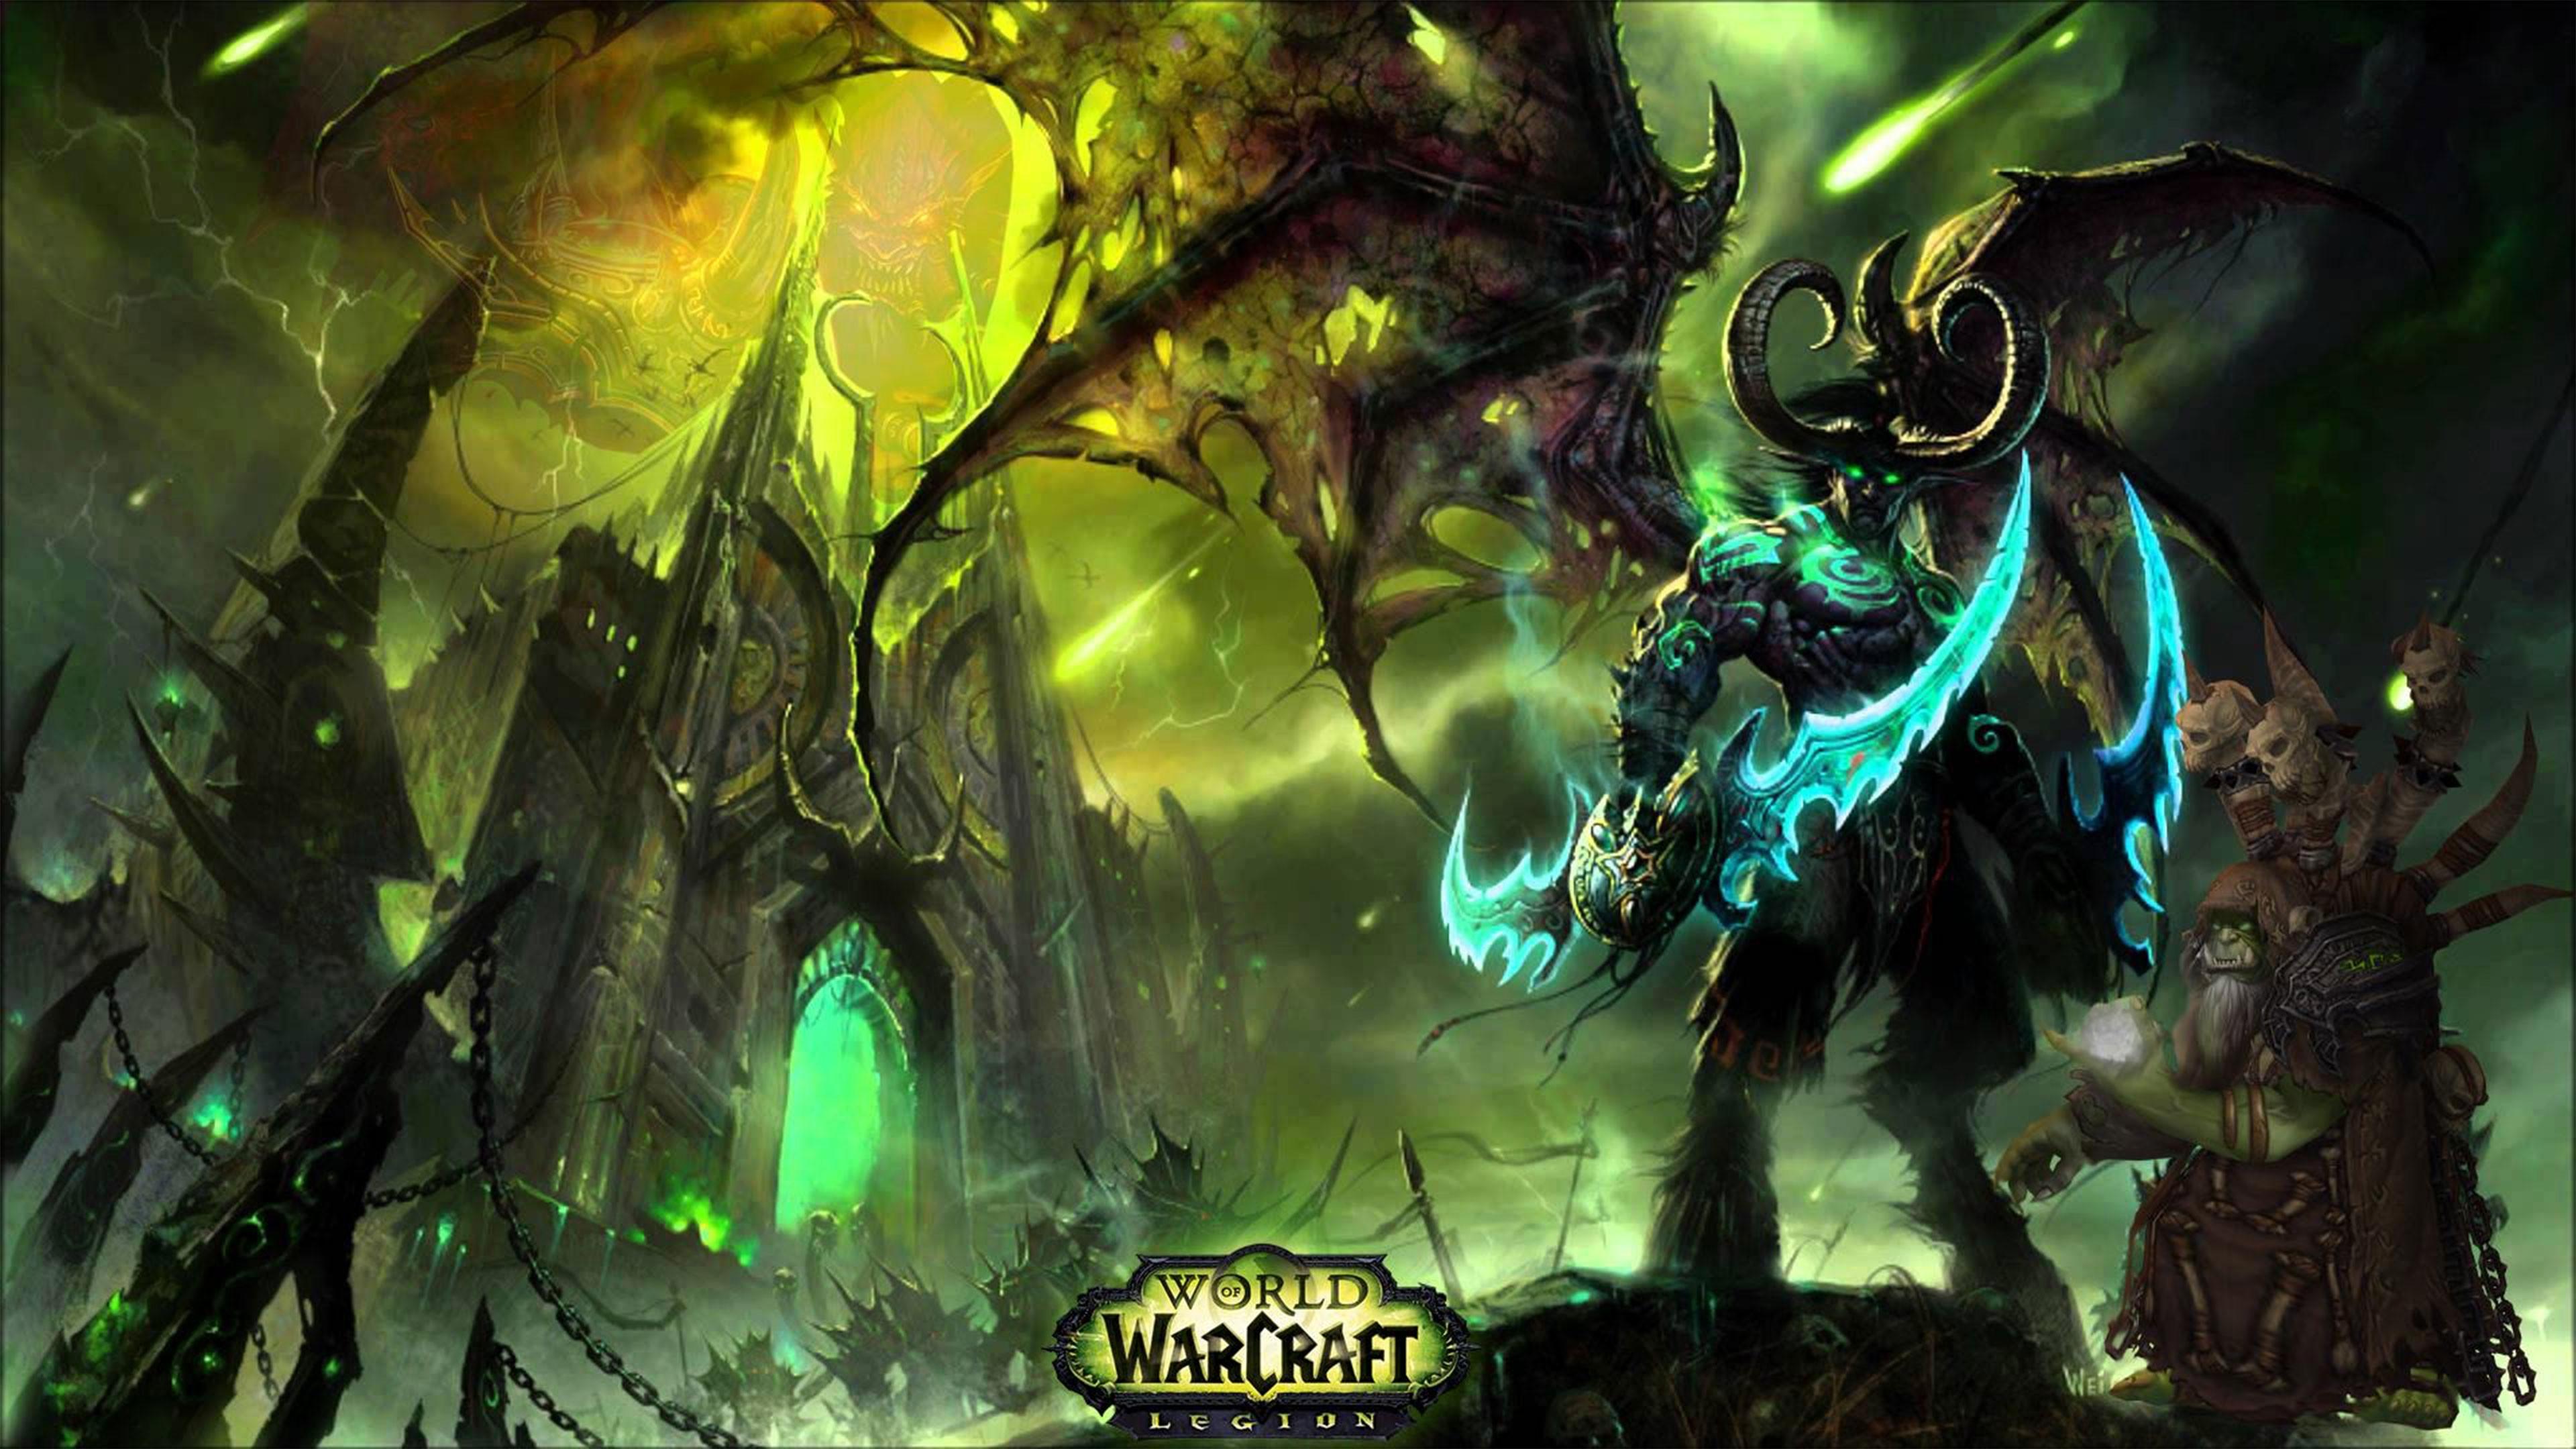 World Of Warcraft Legion Wallpapers In Ultra HD   4K